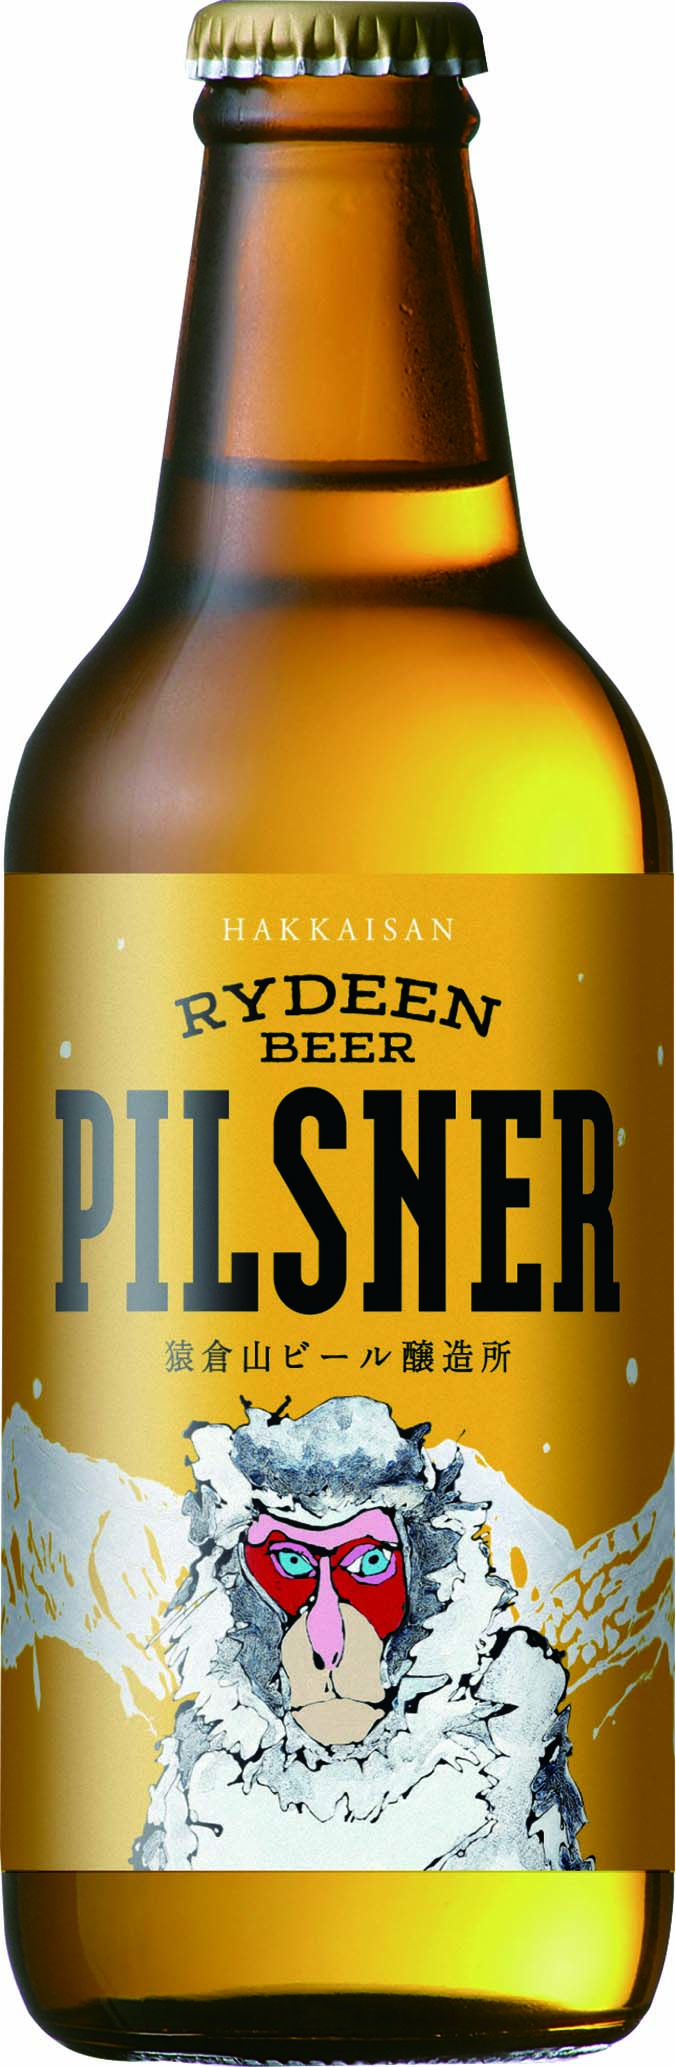 ライディーンビール ピルスナーPILSNER